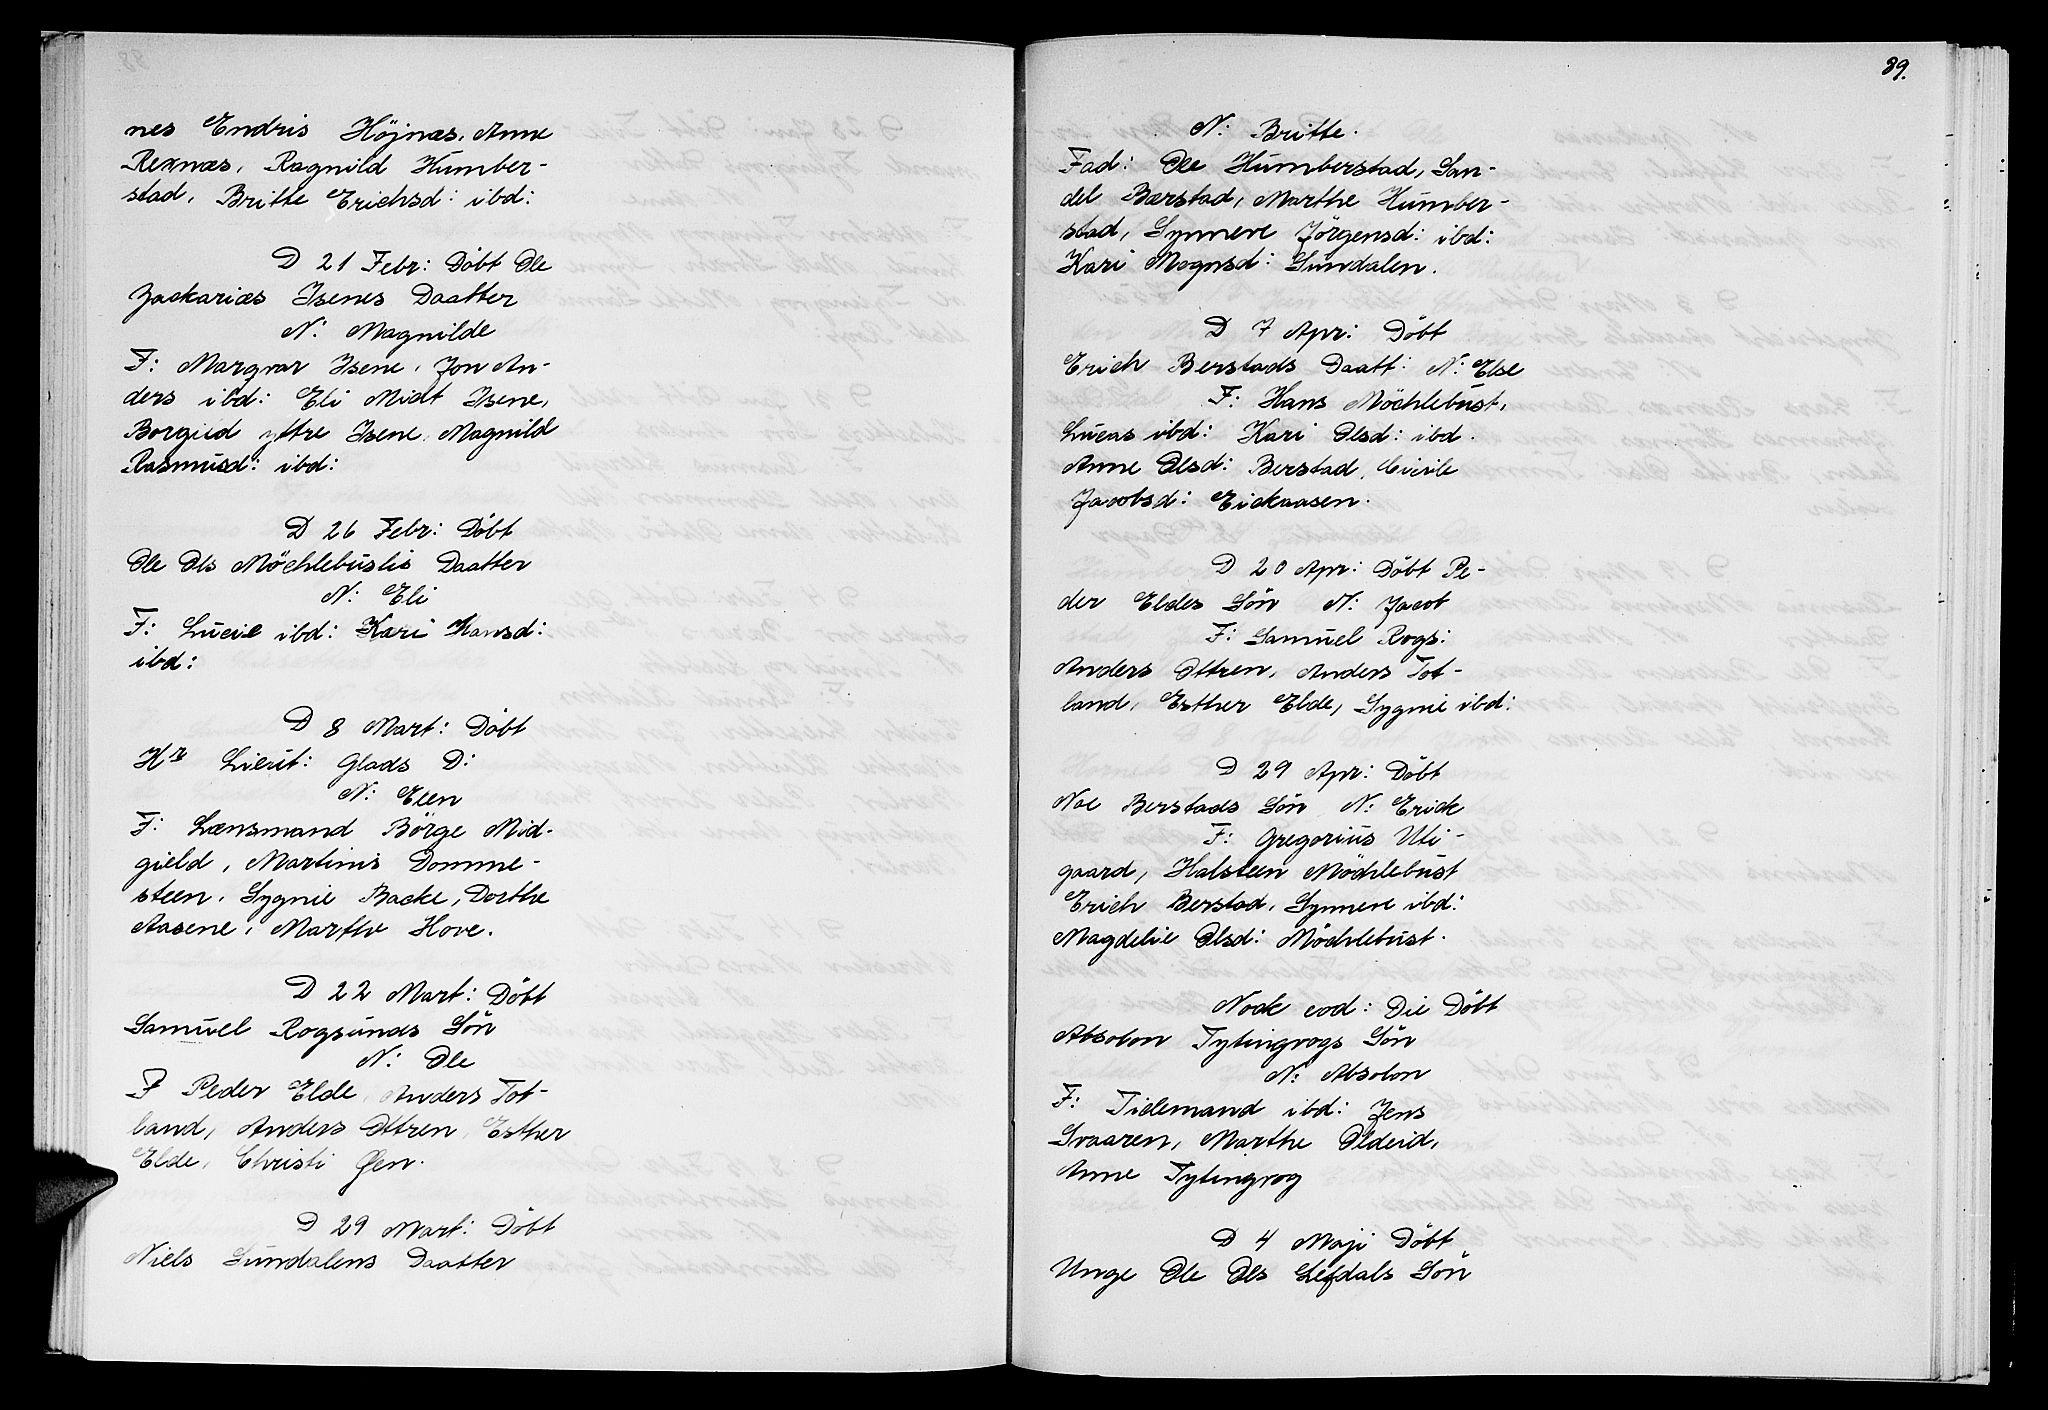 SAB, Davik sokneprestembete, Ministerialbok nr. A 1, 1710-1742, s. 89